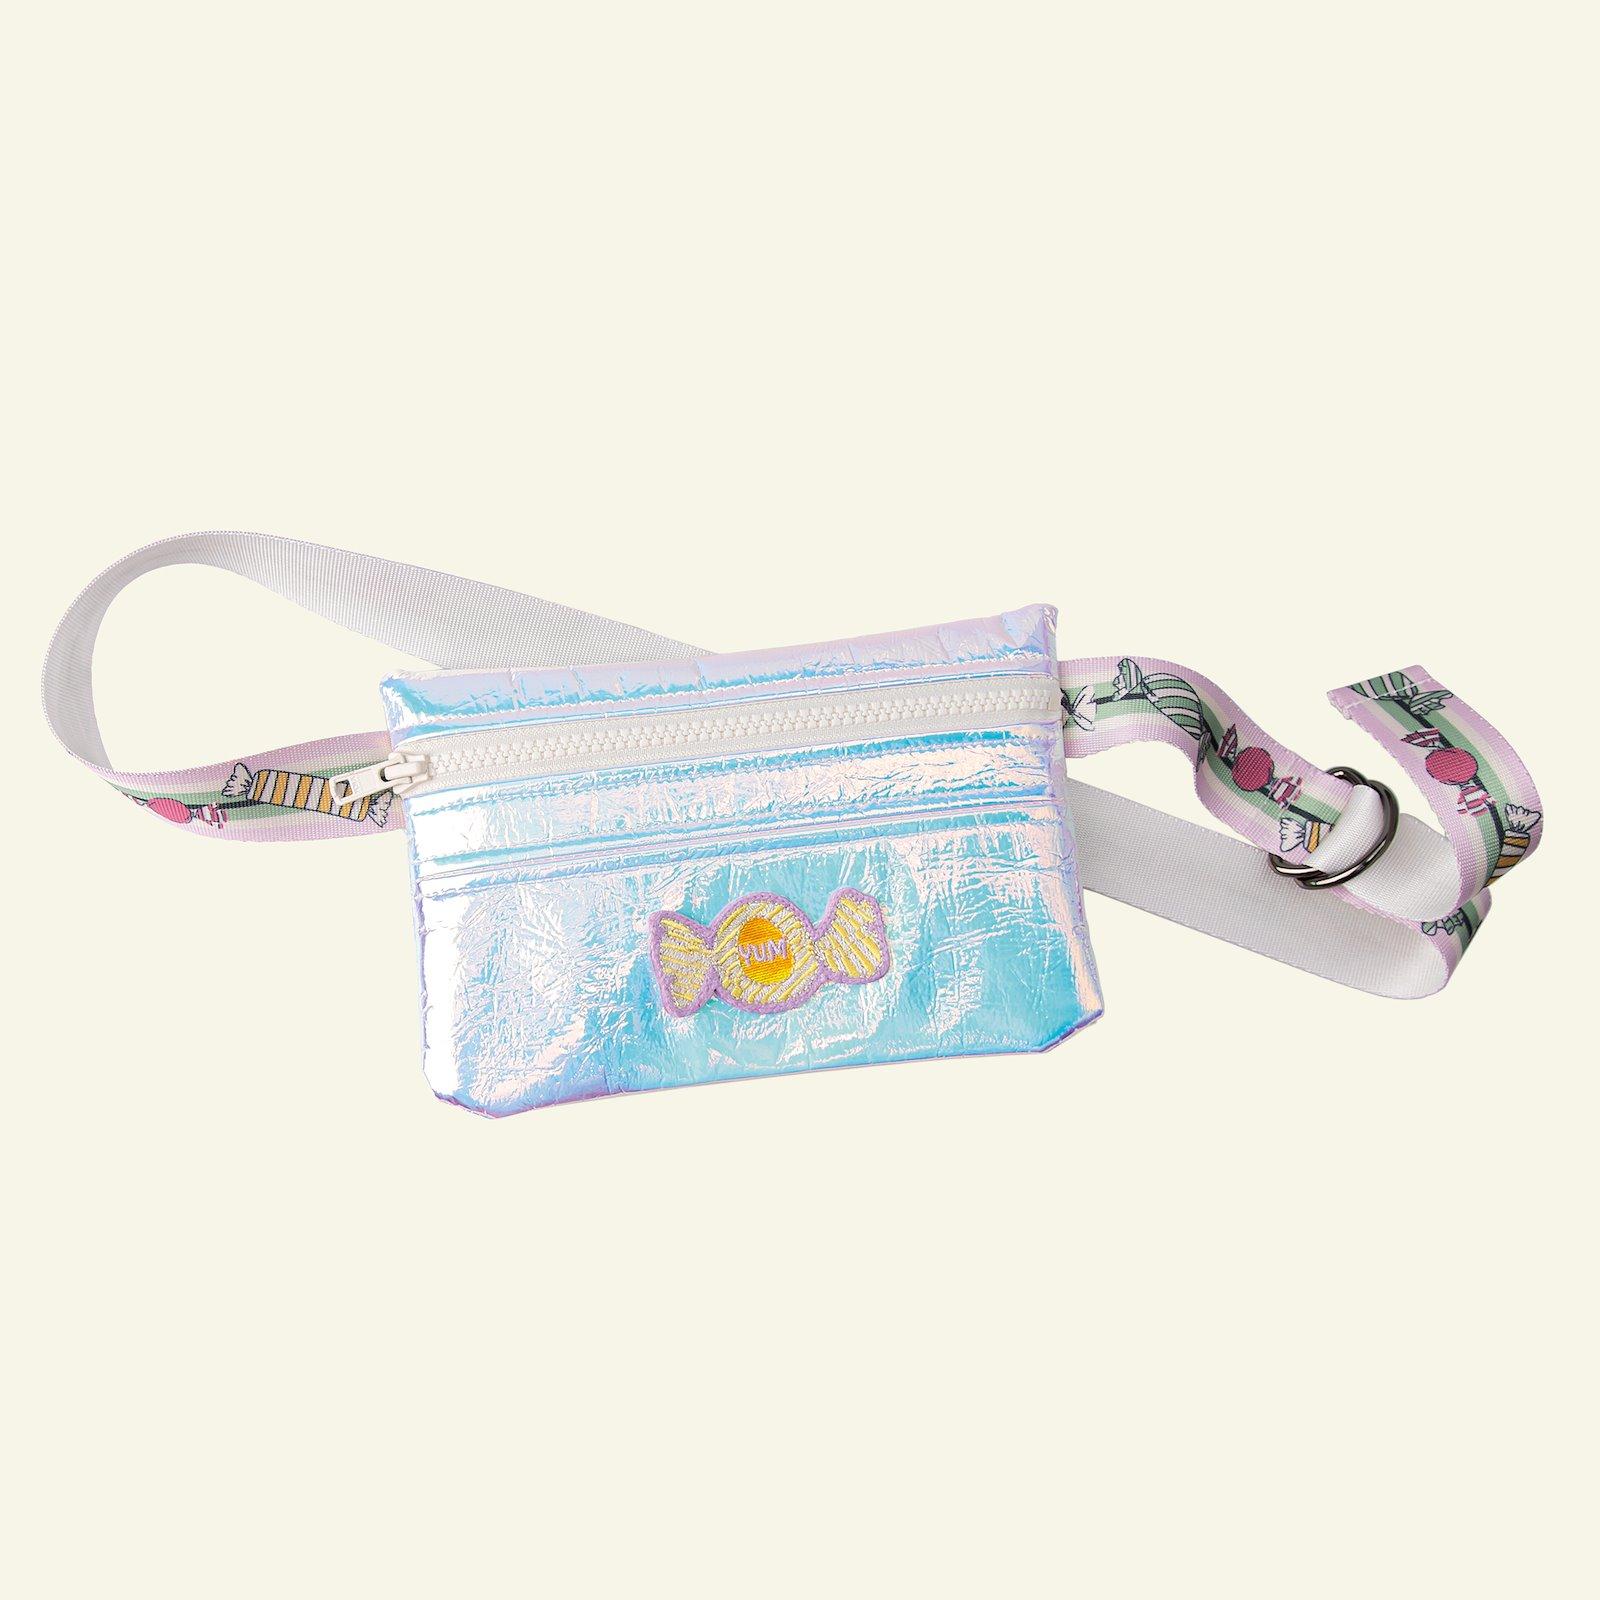 Mini bum bag p90328_824045_82409_26523_sskit